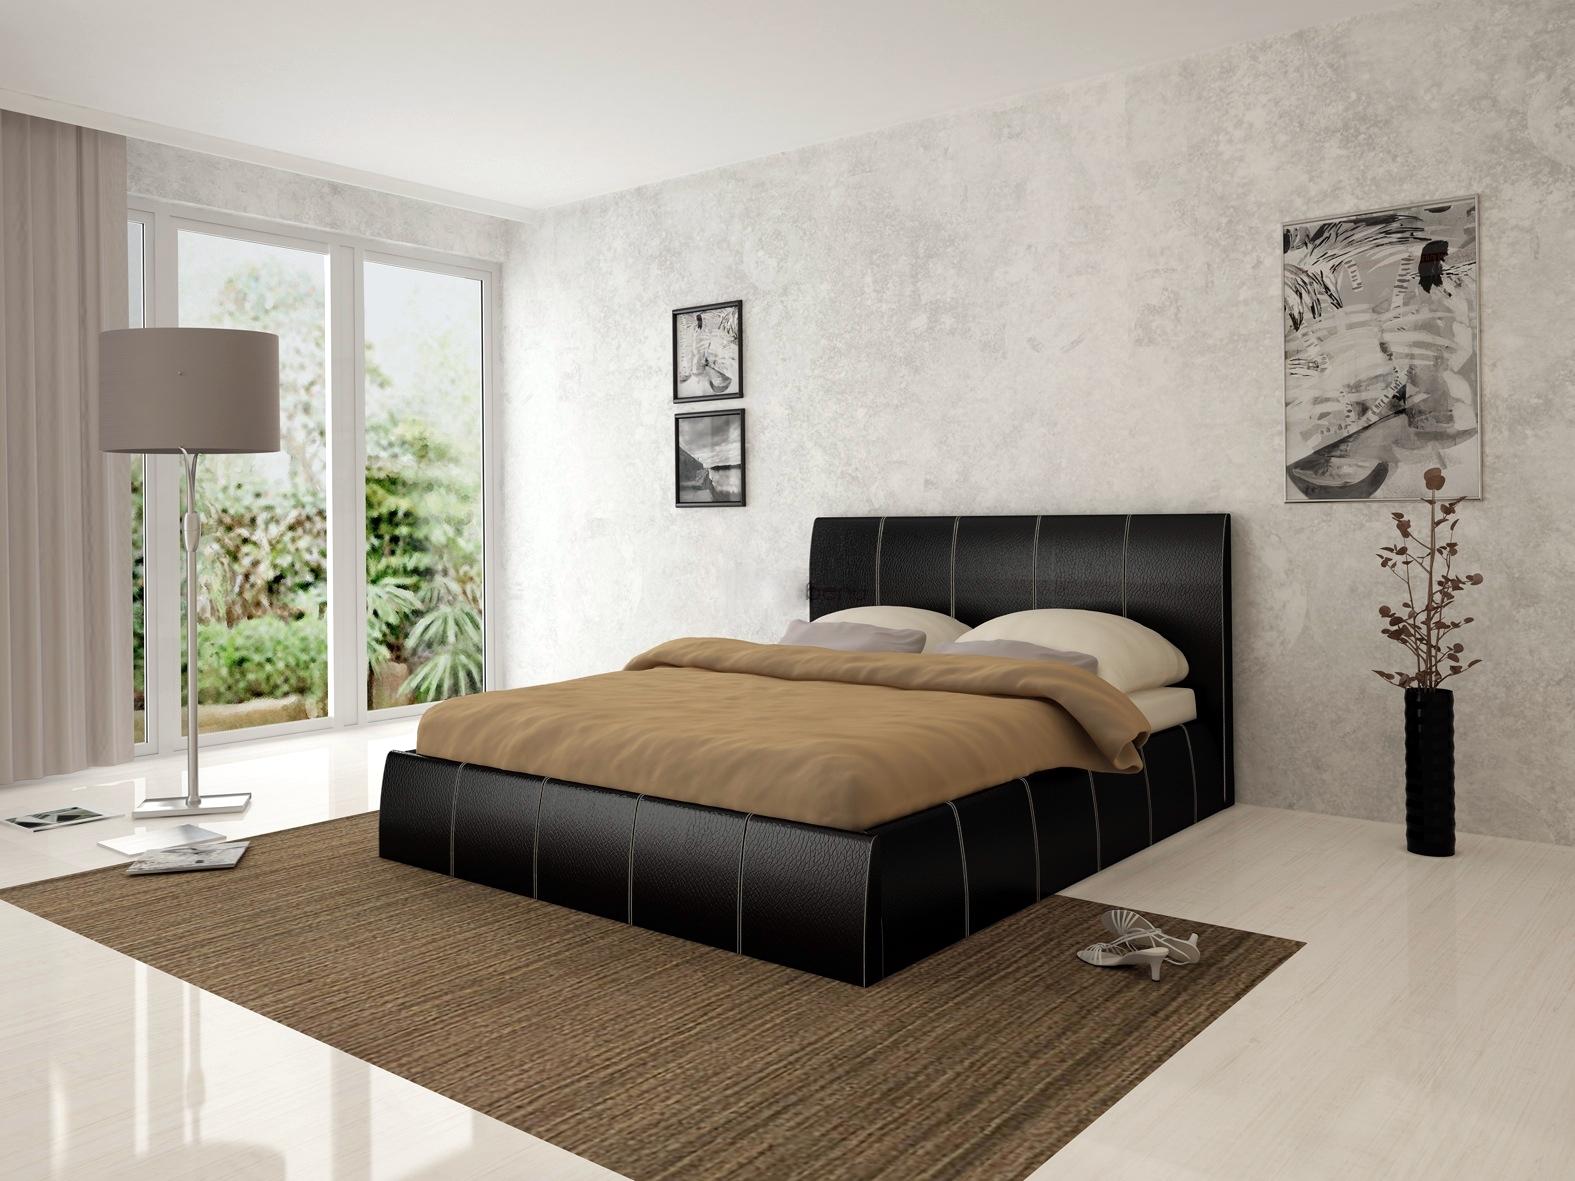 eb7f0da0557 Тапицирана спалня Капри + амортисьорен механизъм | Варна Мебел